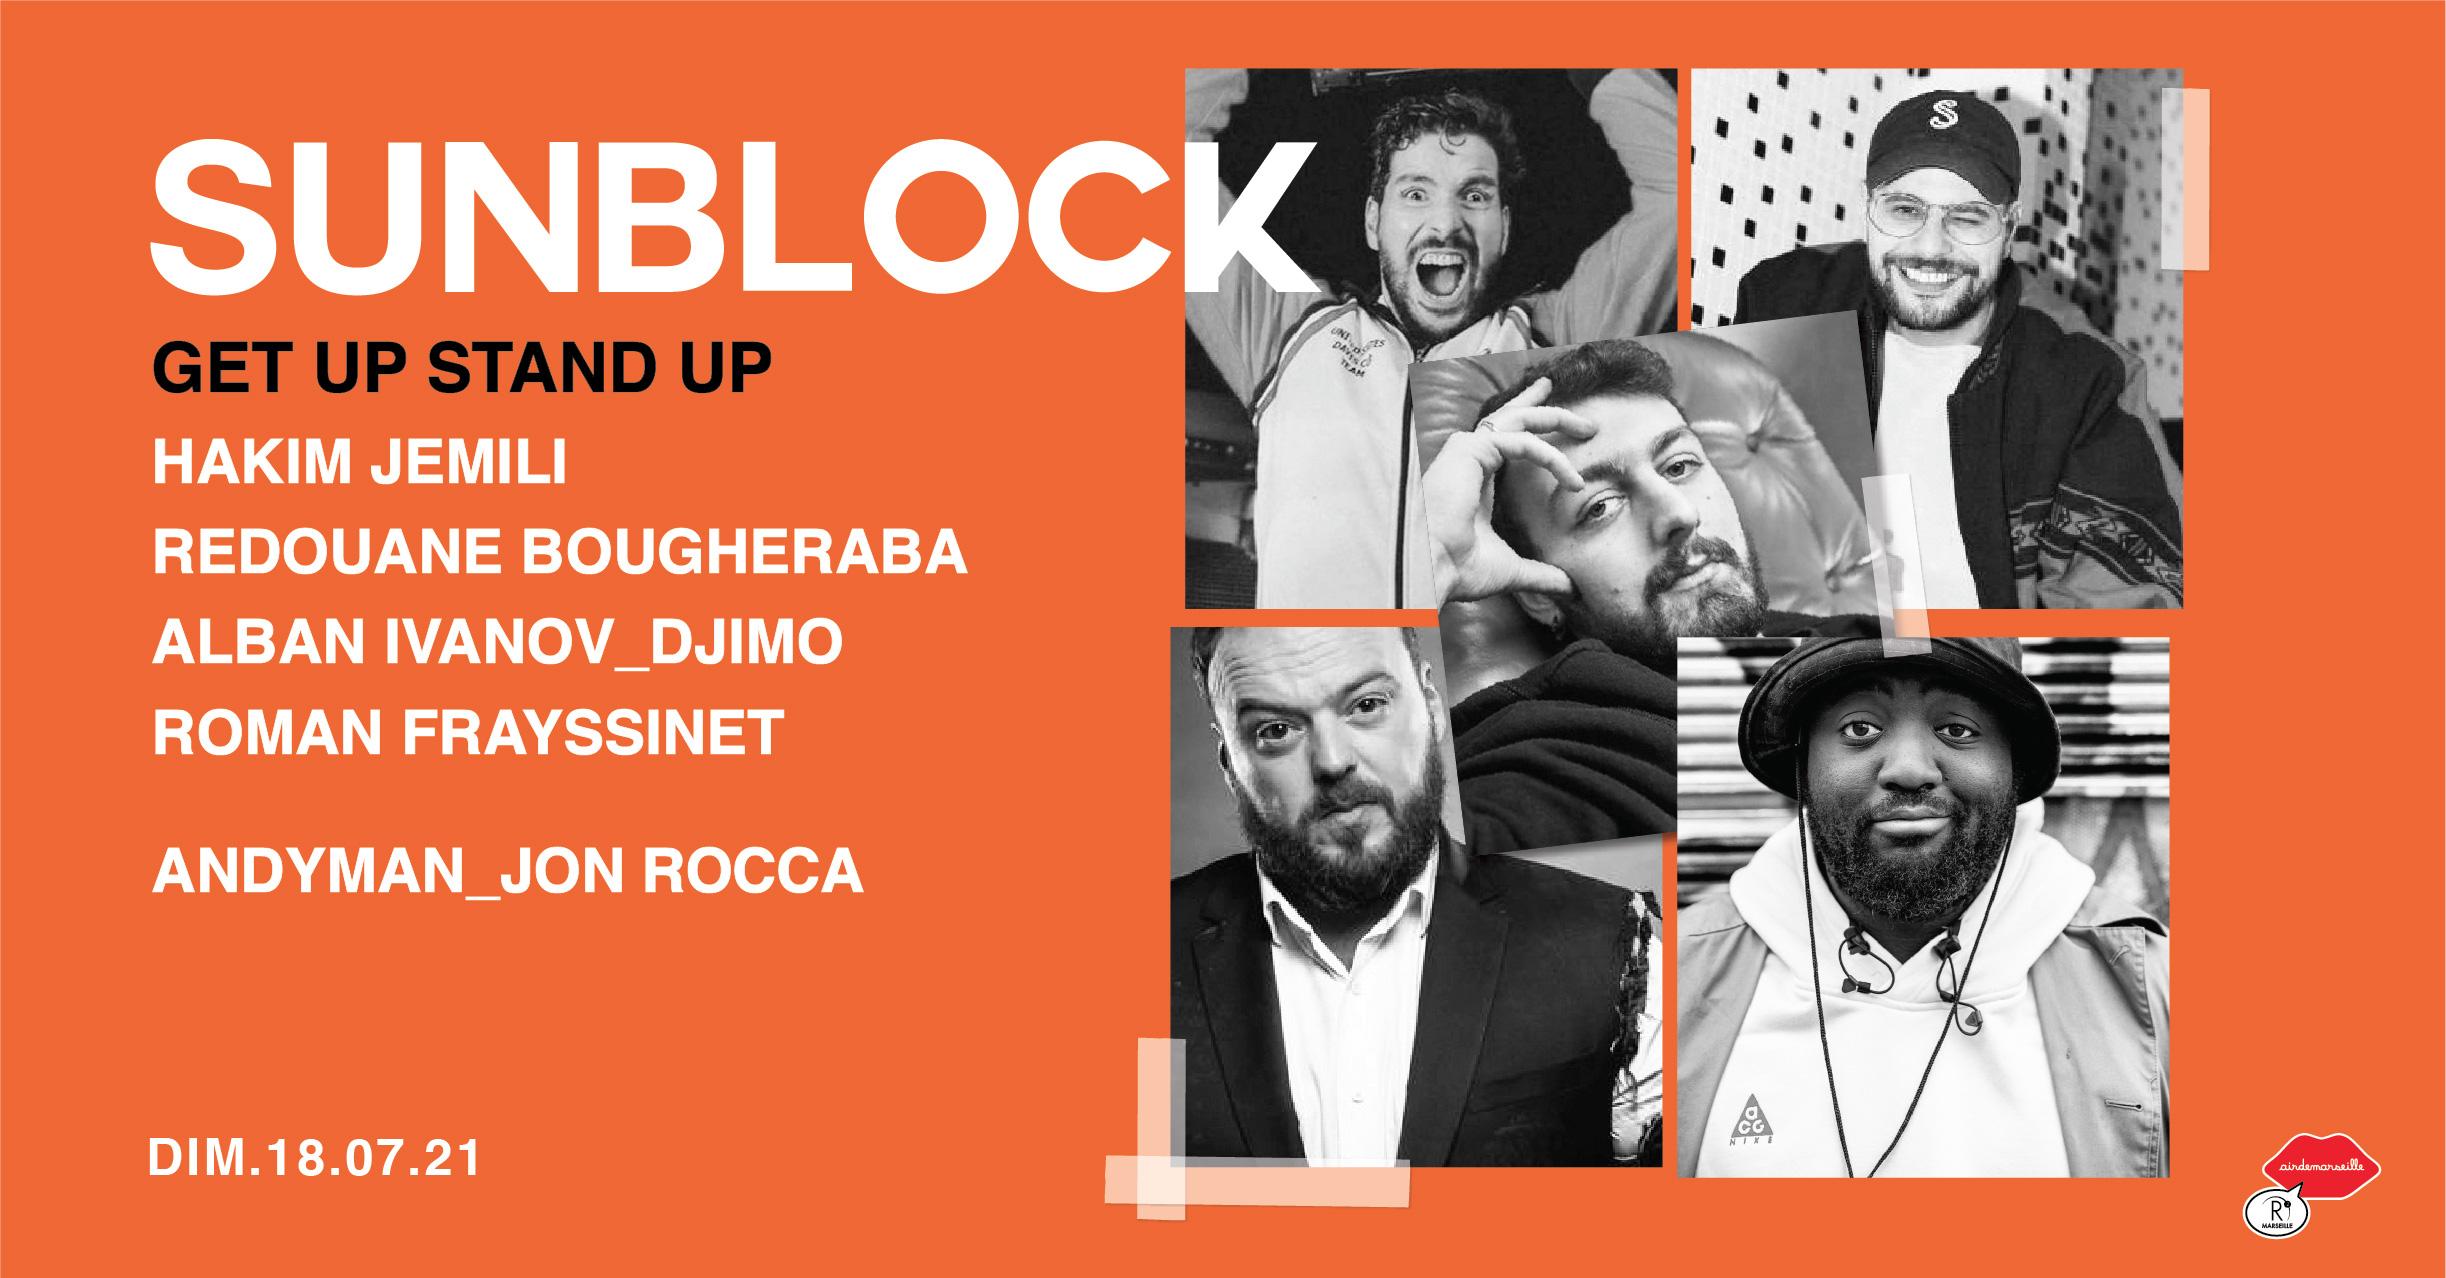 SUNBLOCK - GET UP STAND UP - LA CLIQUE